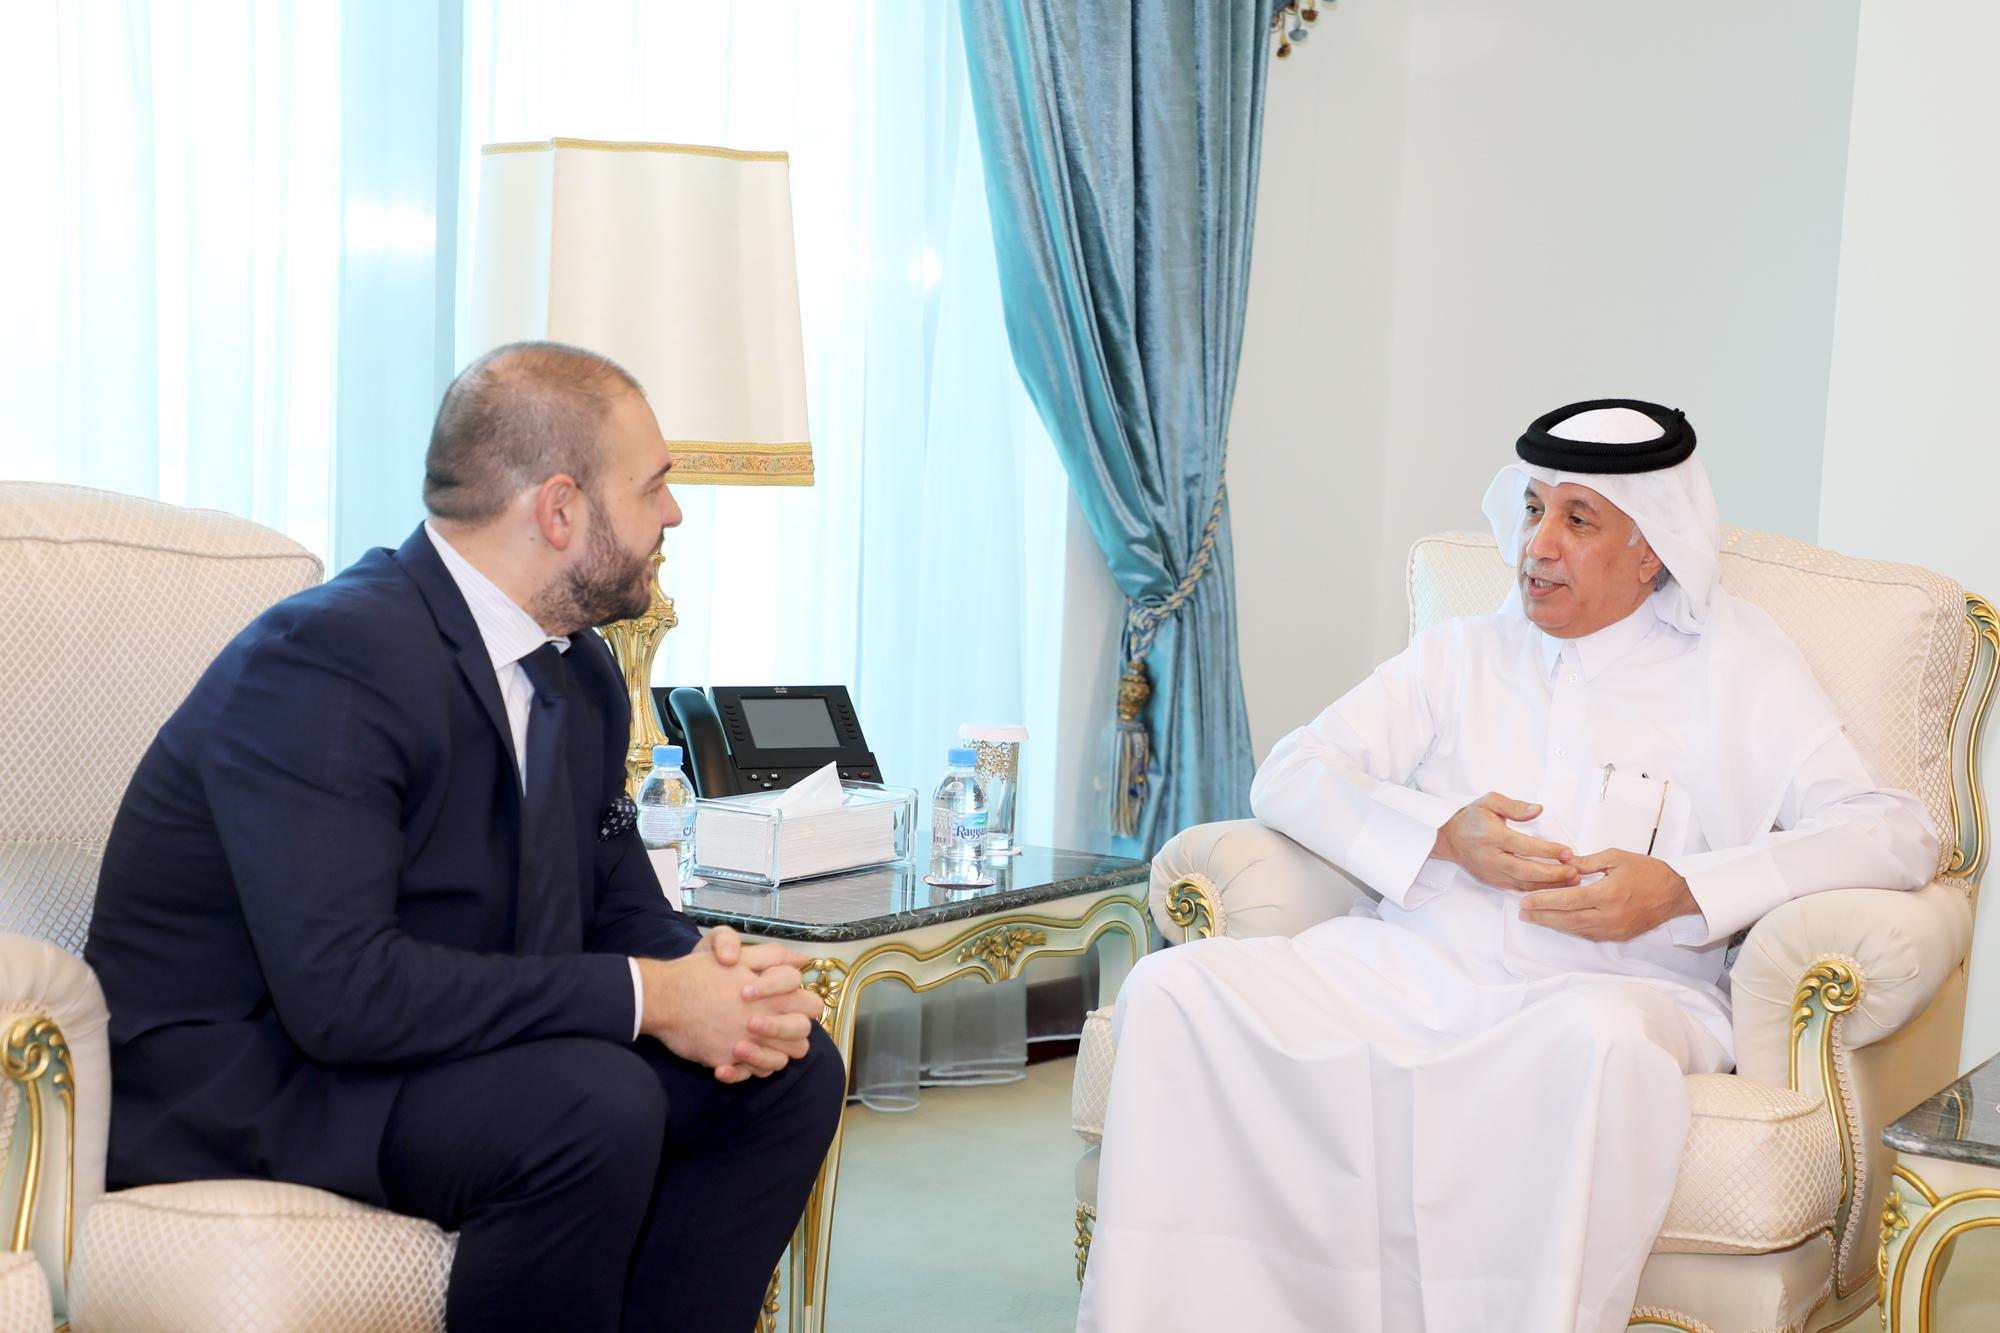 وزير الدولة للشؤون الخارجية يجتمع مع سفير رومانيا